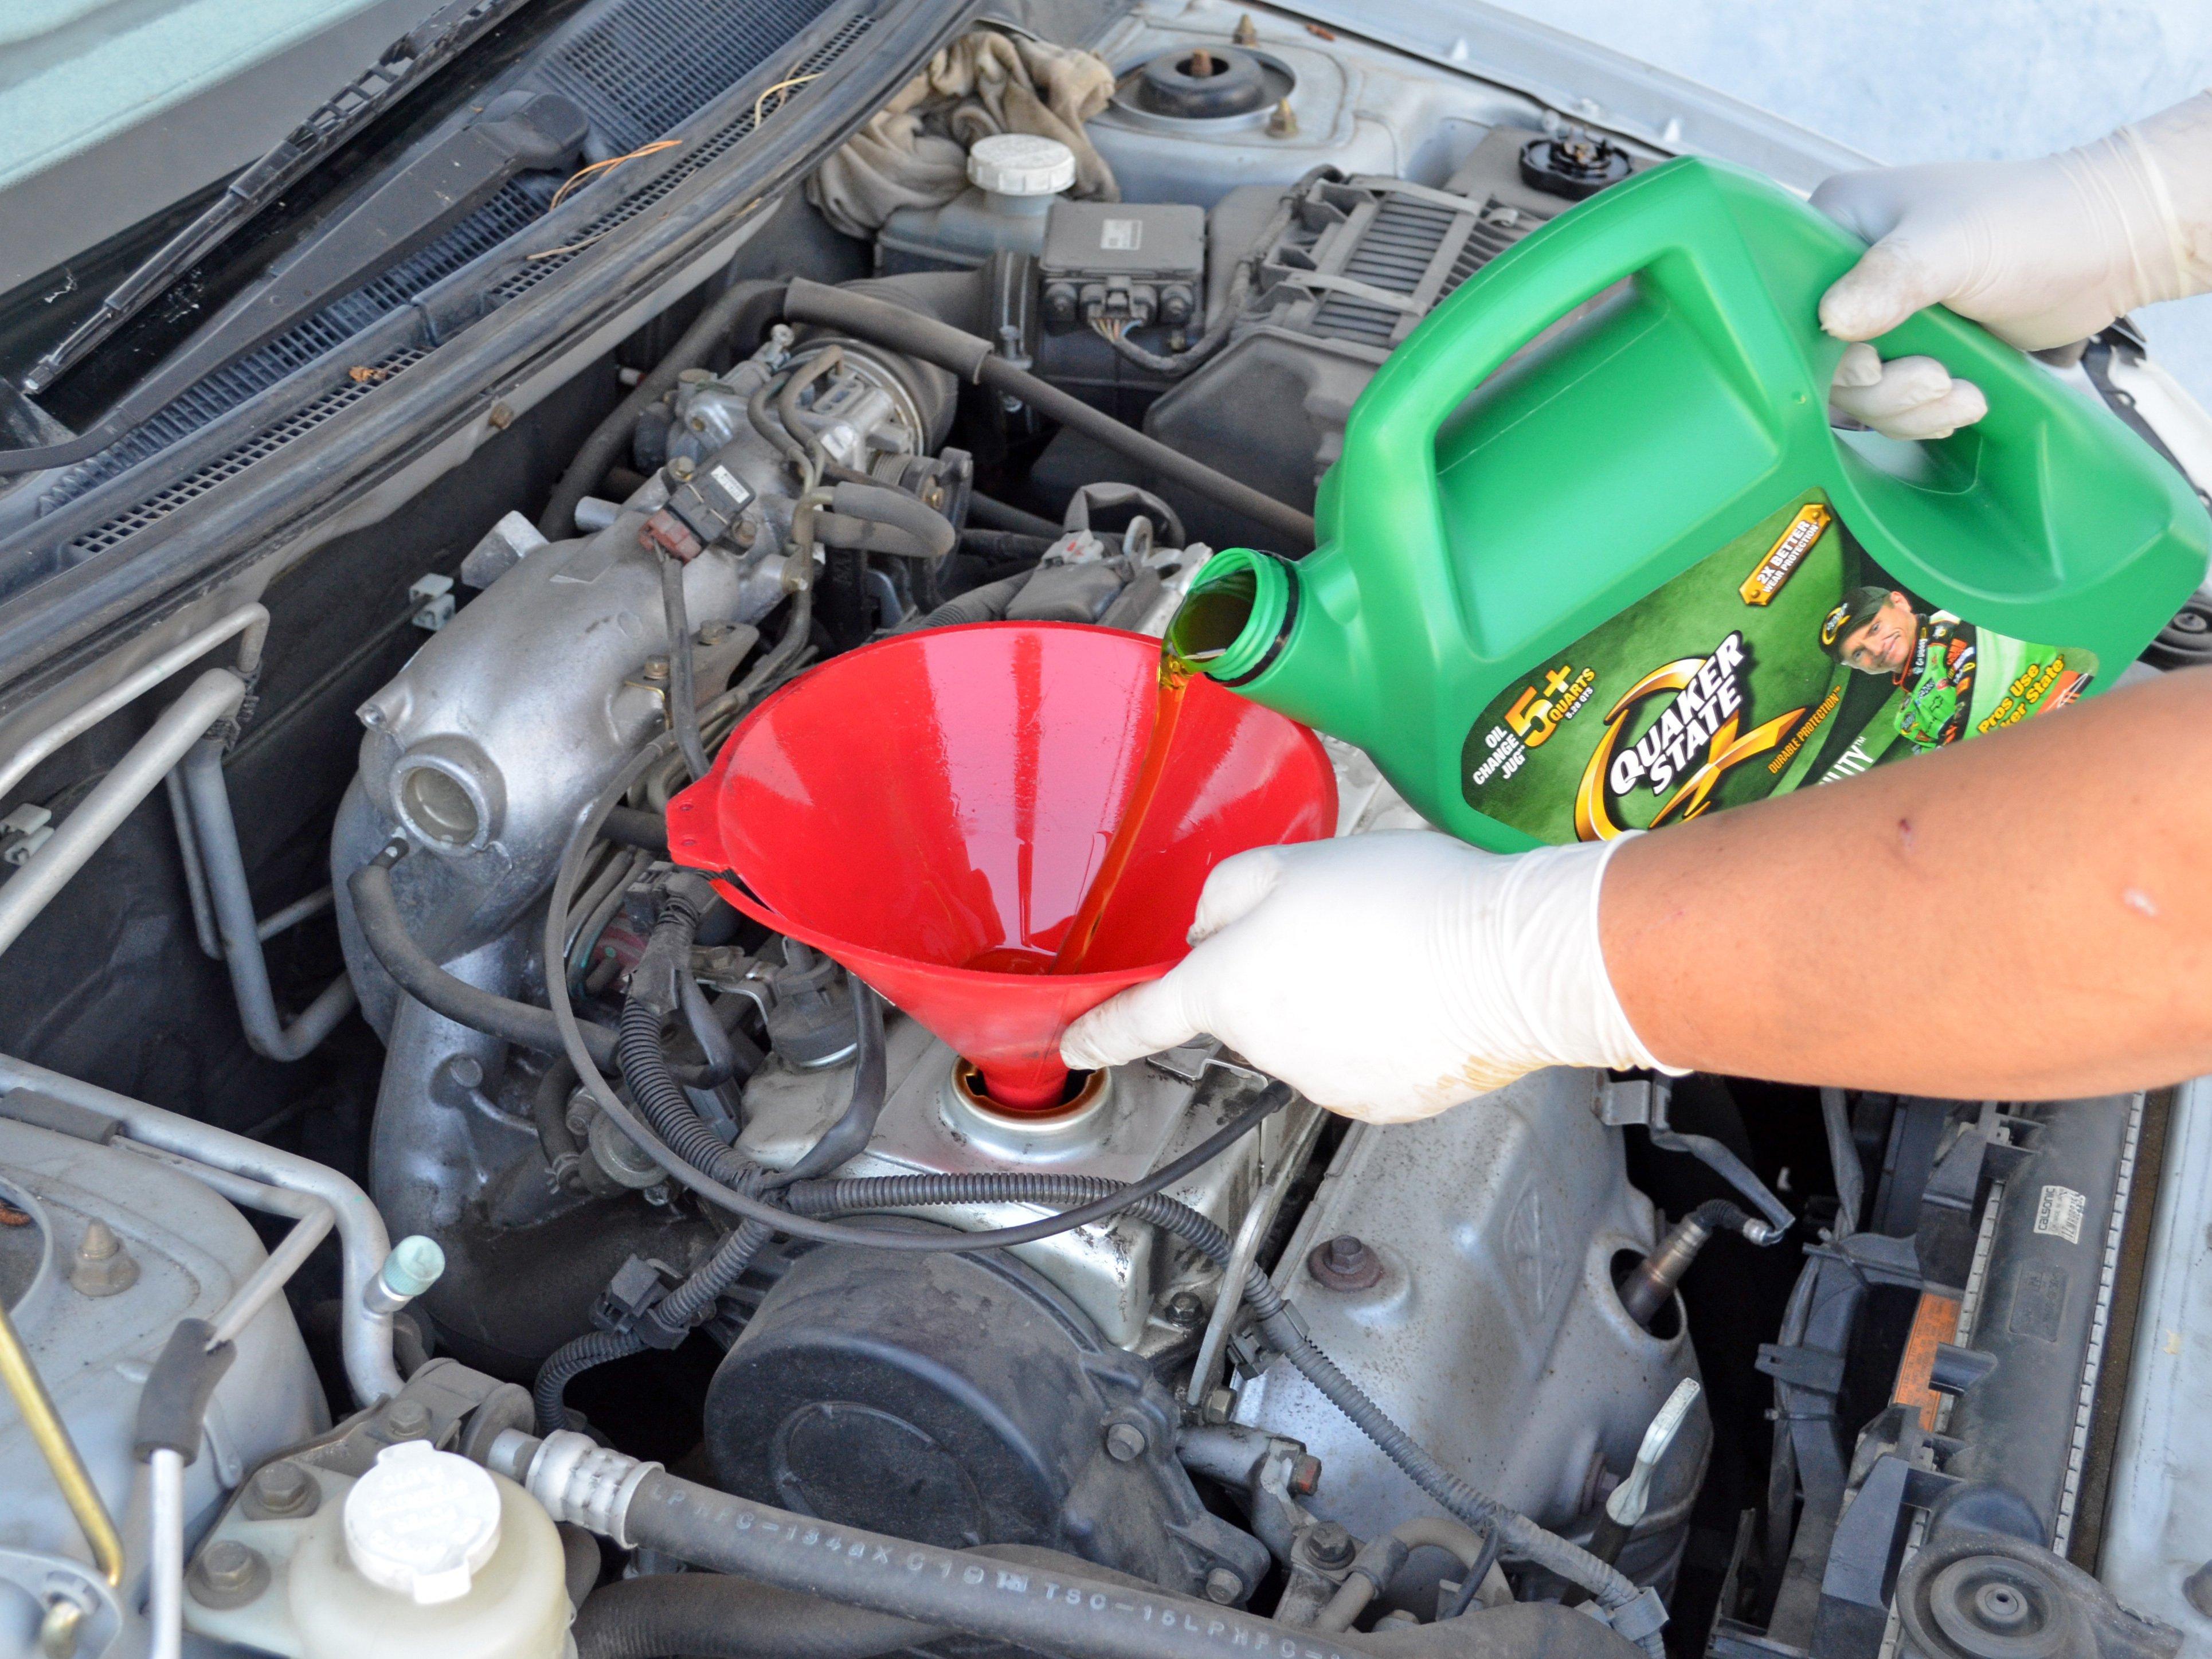 2002-2007 Mitsubishi Lancer Oil Change (2 0L I4 DOHC) (2002